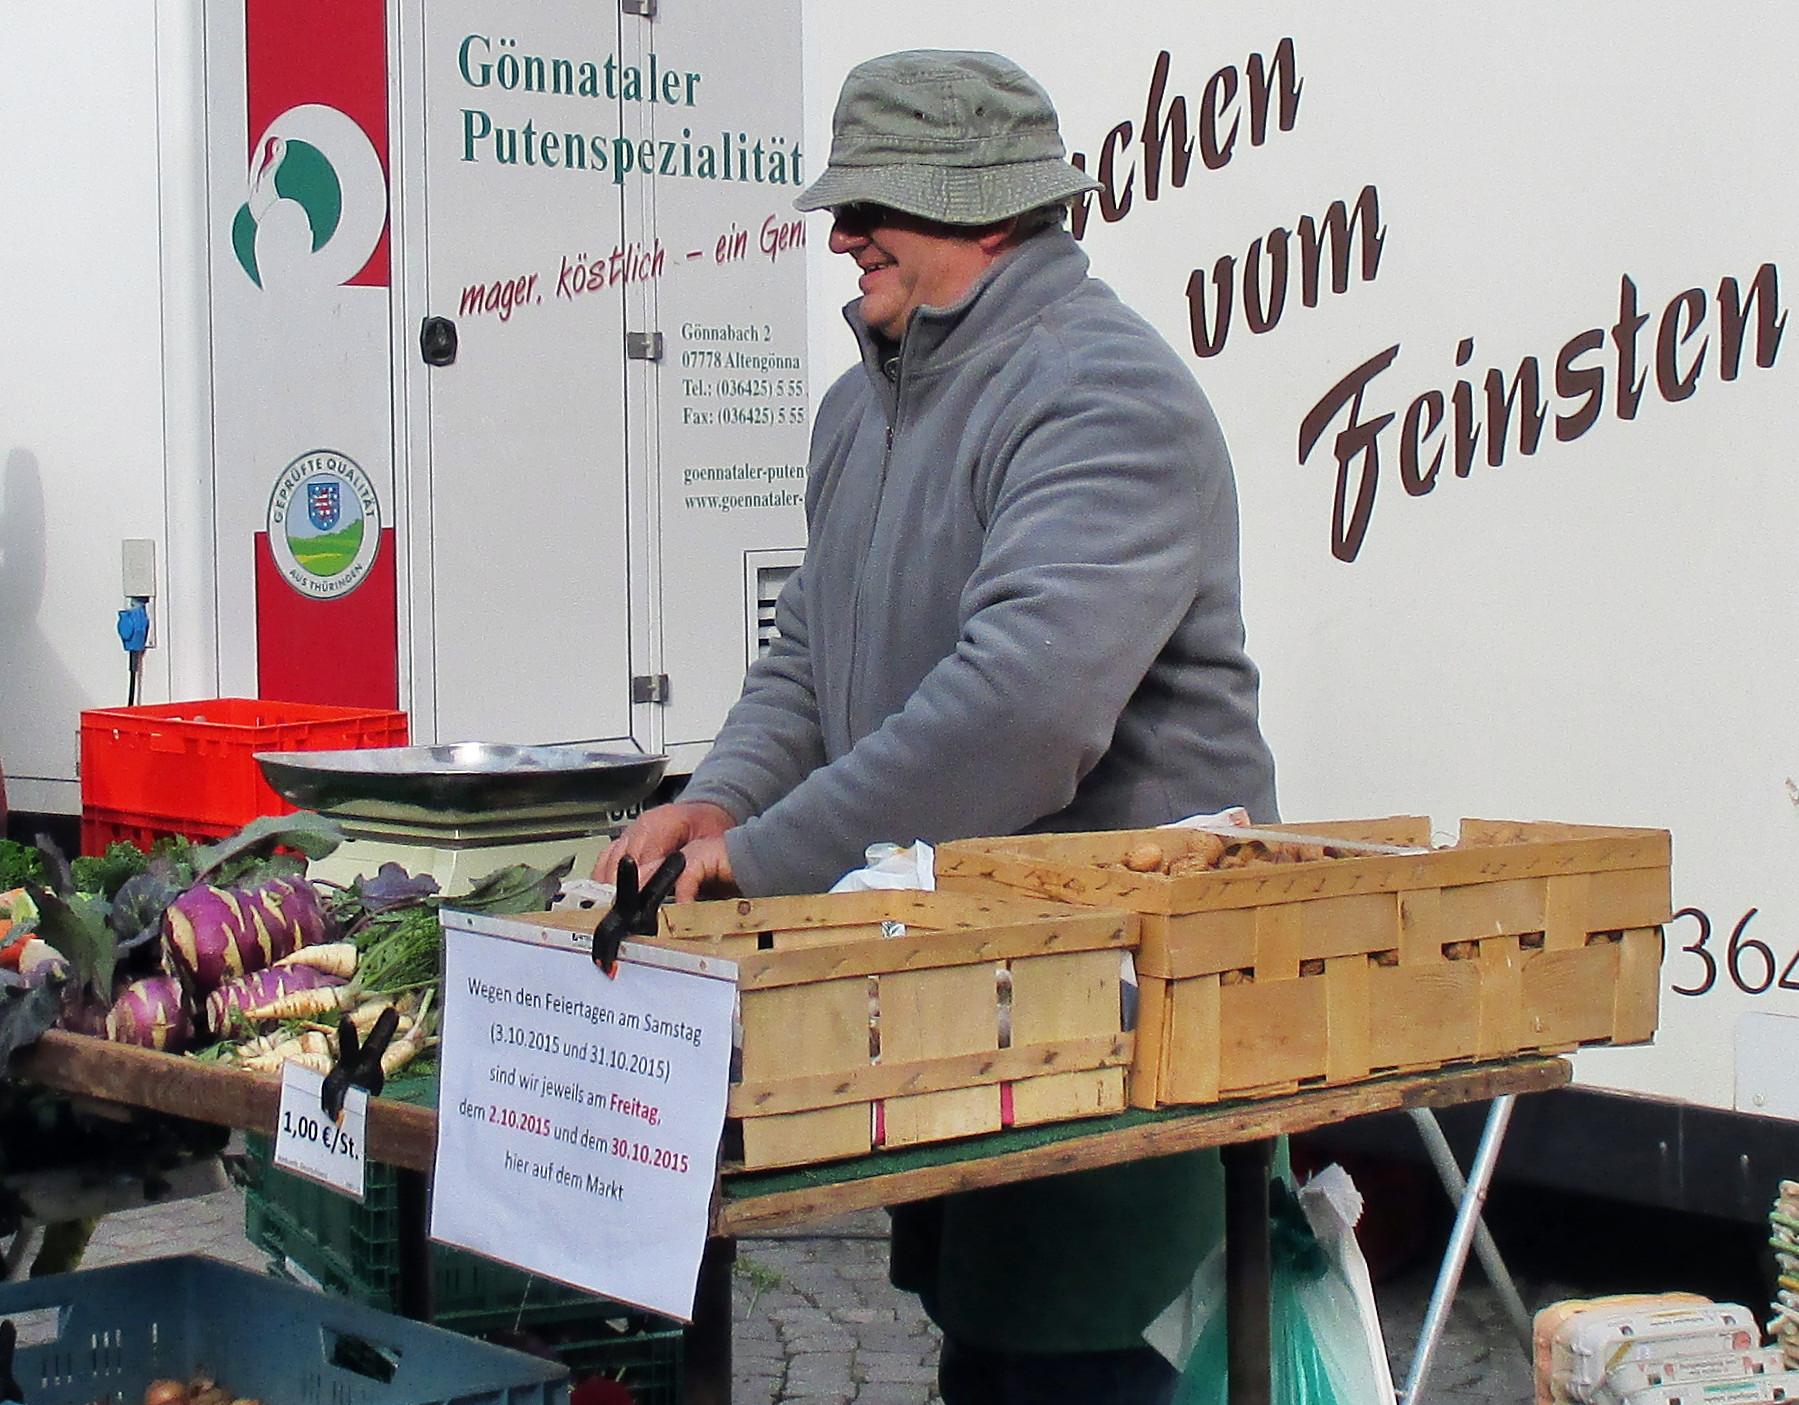 Wochenmarkt Jena -24.10.15   (1)